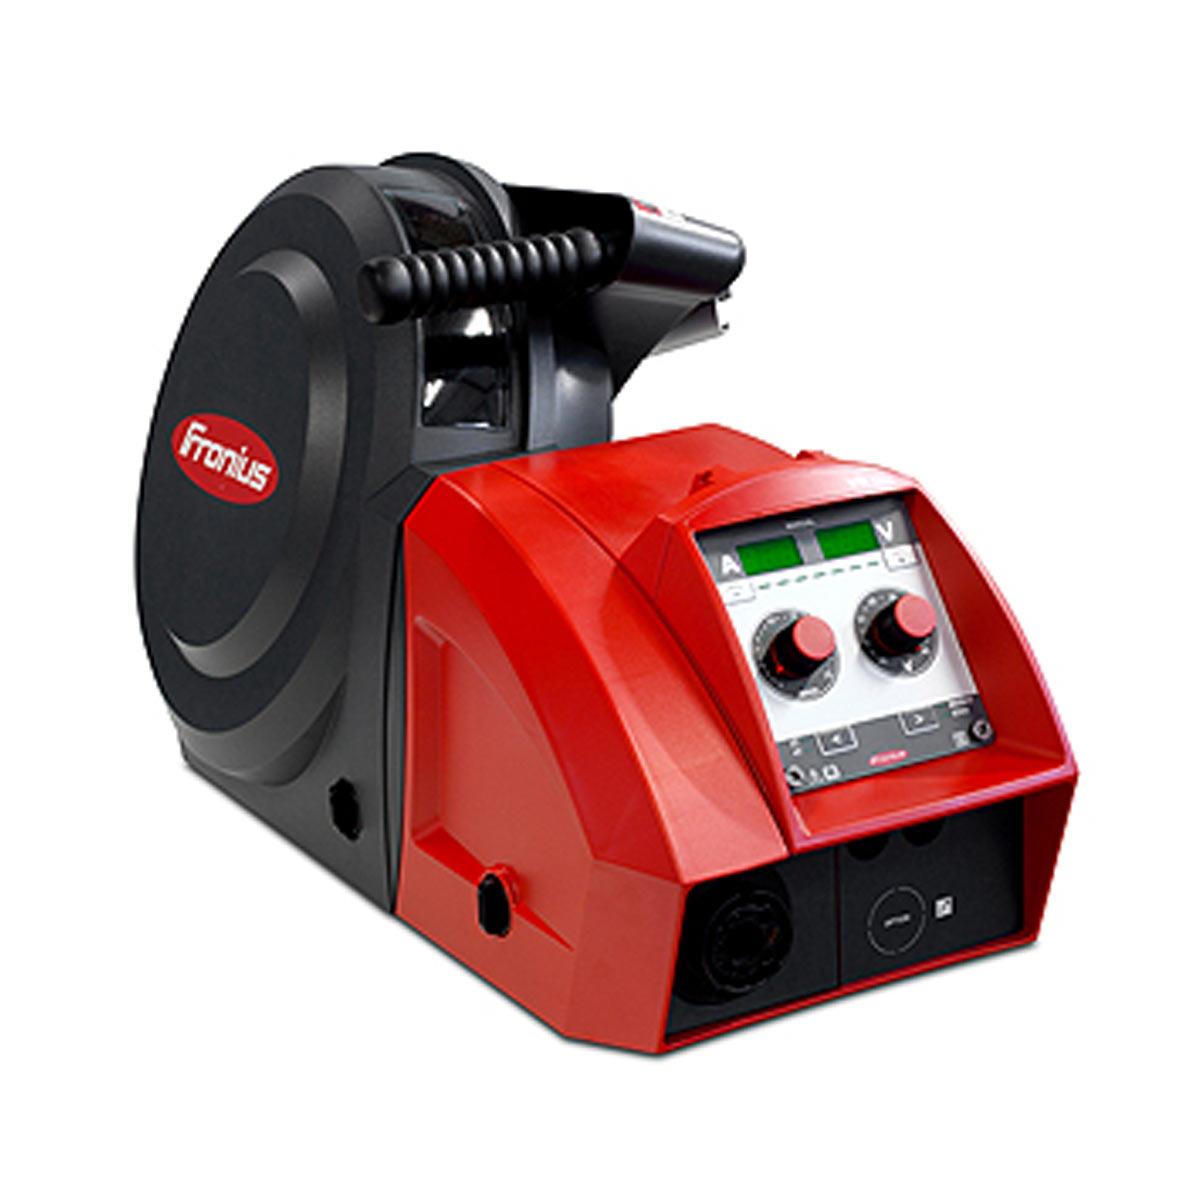 Drahtvorschubgerät VR 5000 4R/G/FSC Manual ~ Fronius 4,049,002 ...